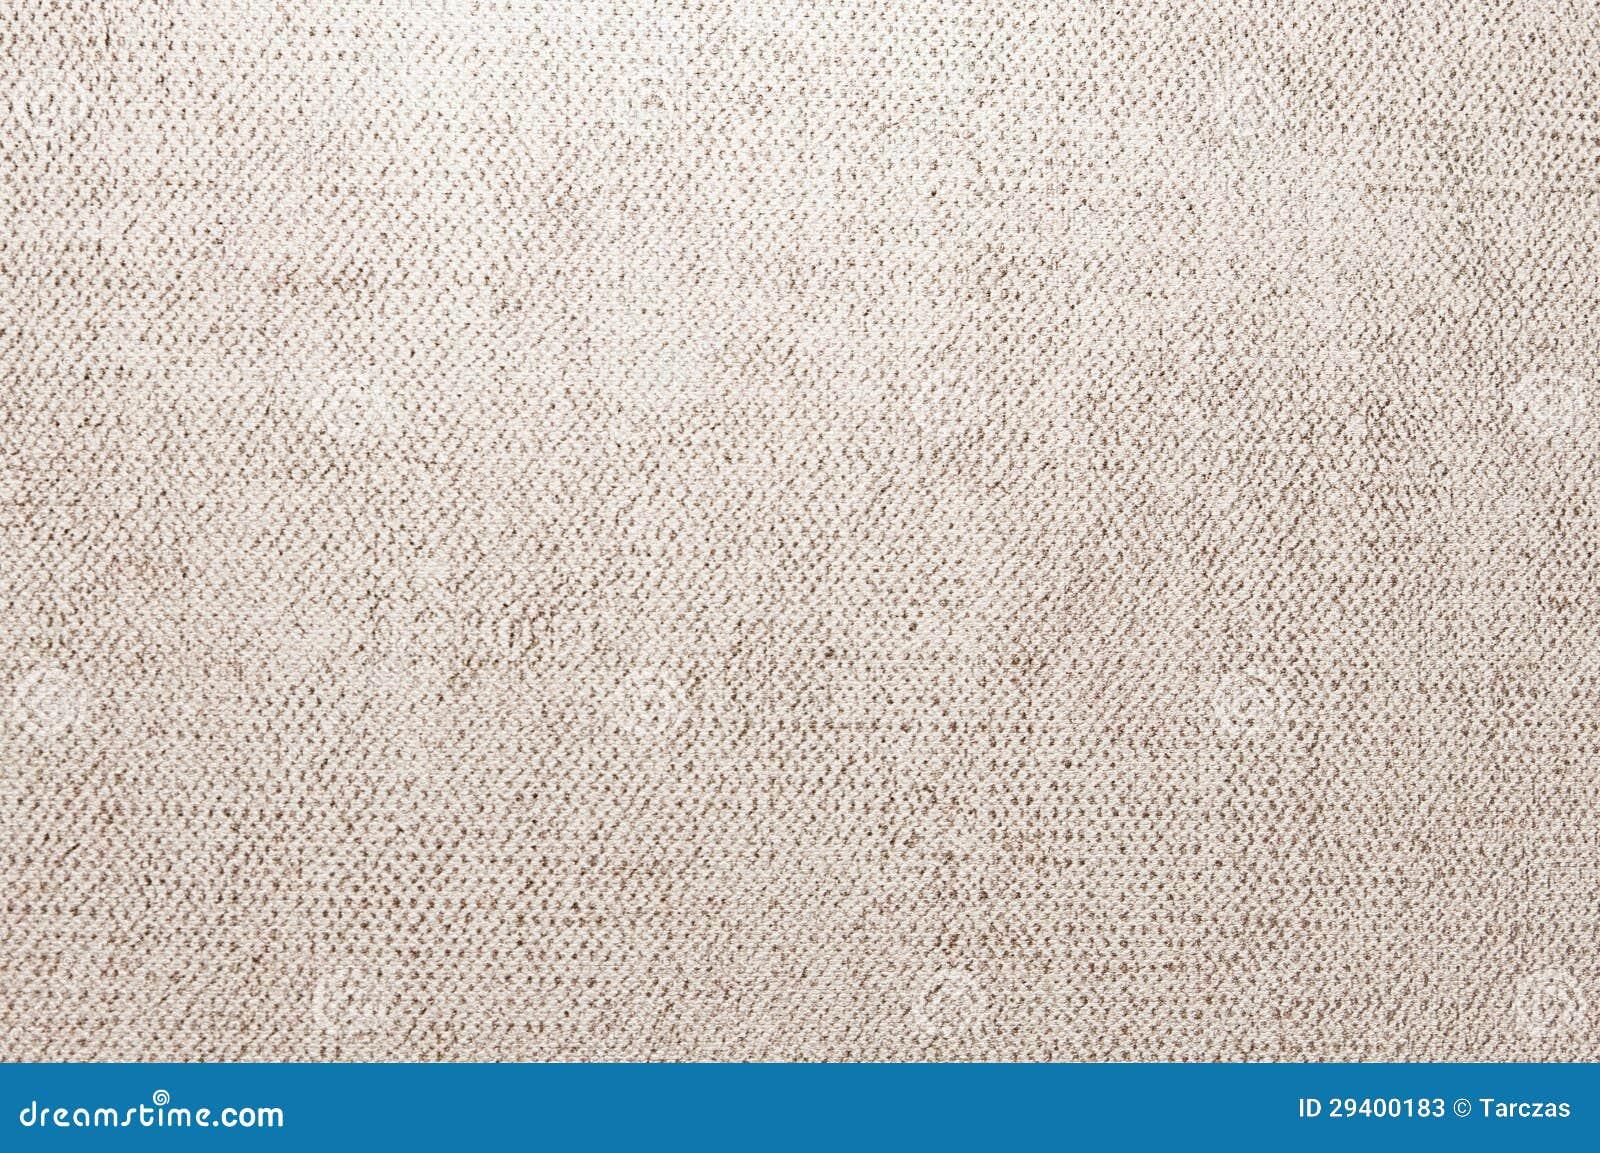 布朗米黄画布纹理或背景